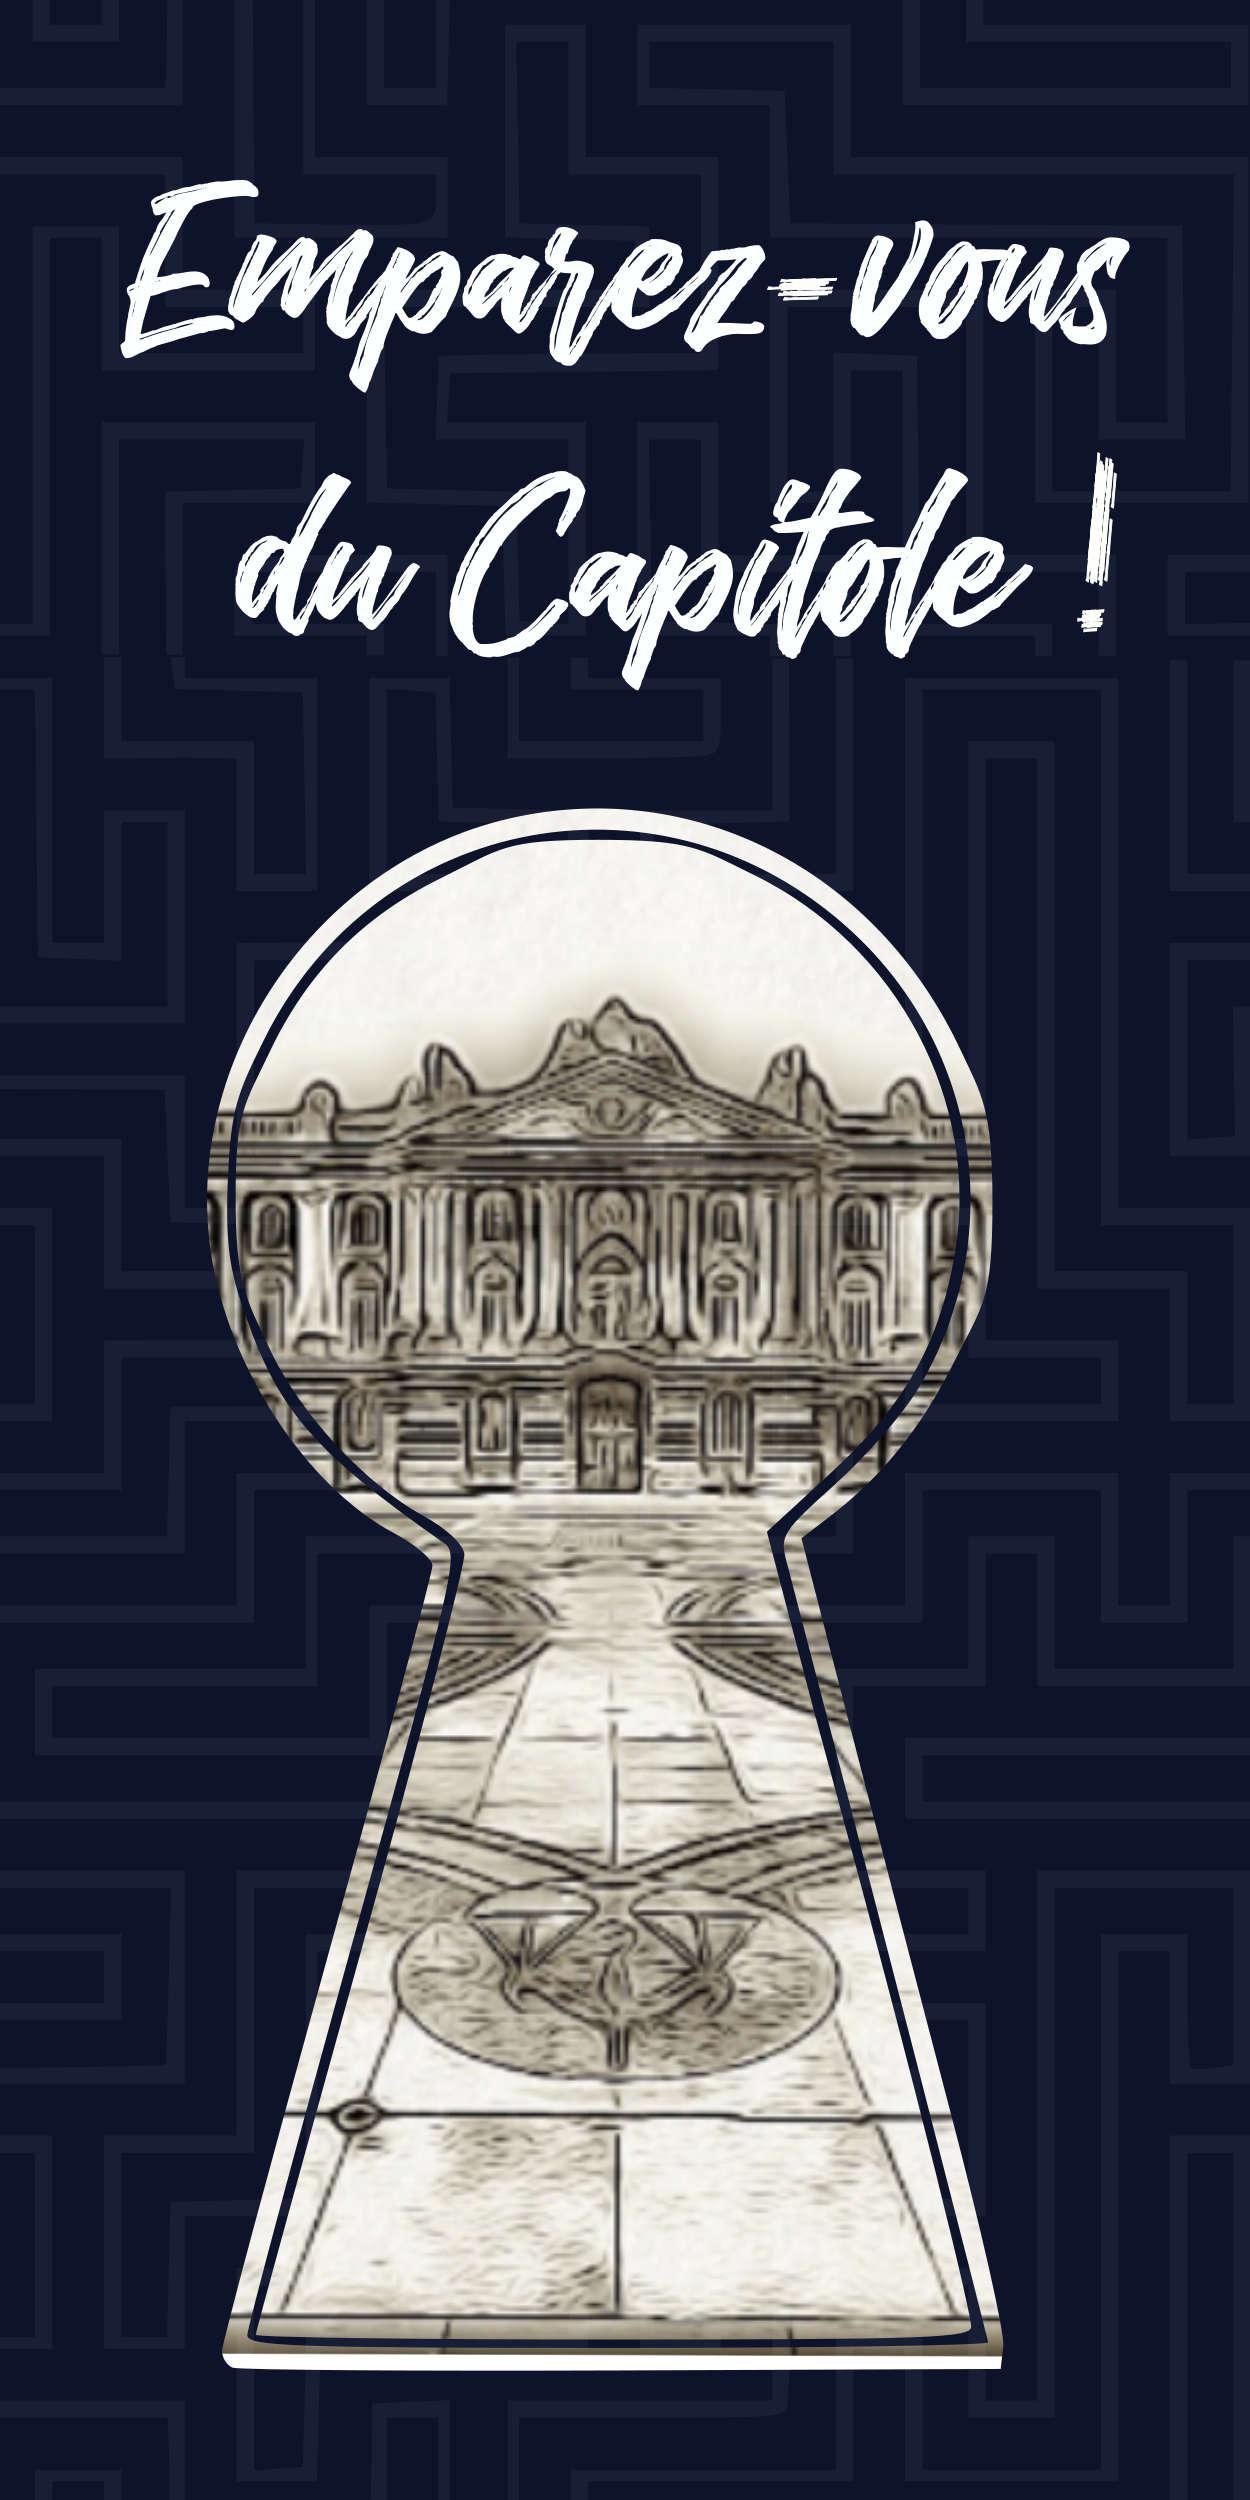 Escape Game dans les rues de Toulouse avec Granhòta. Emparez-vous du Capitole !